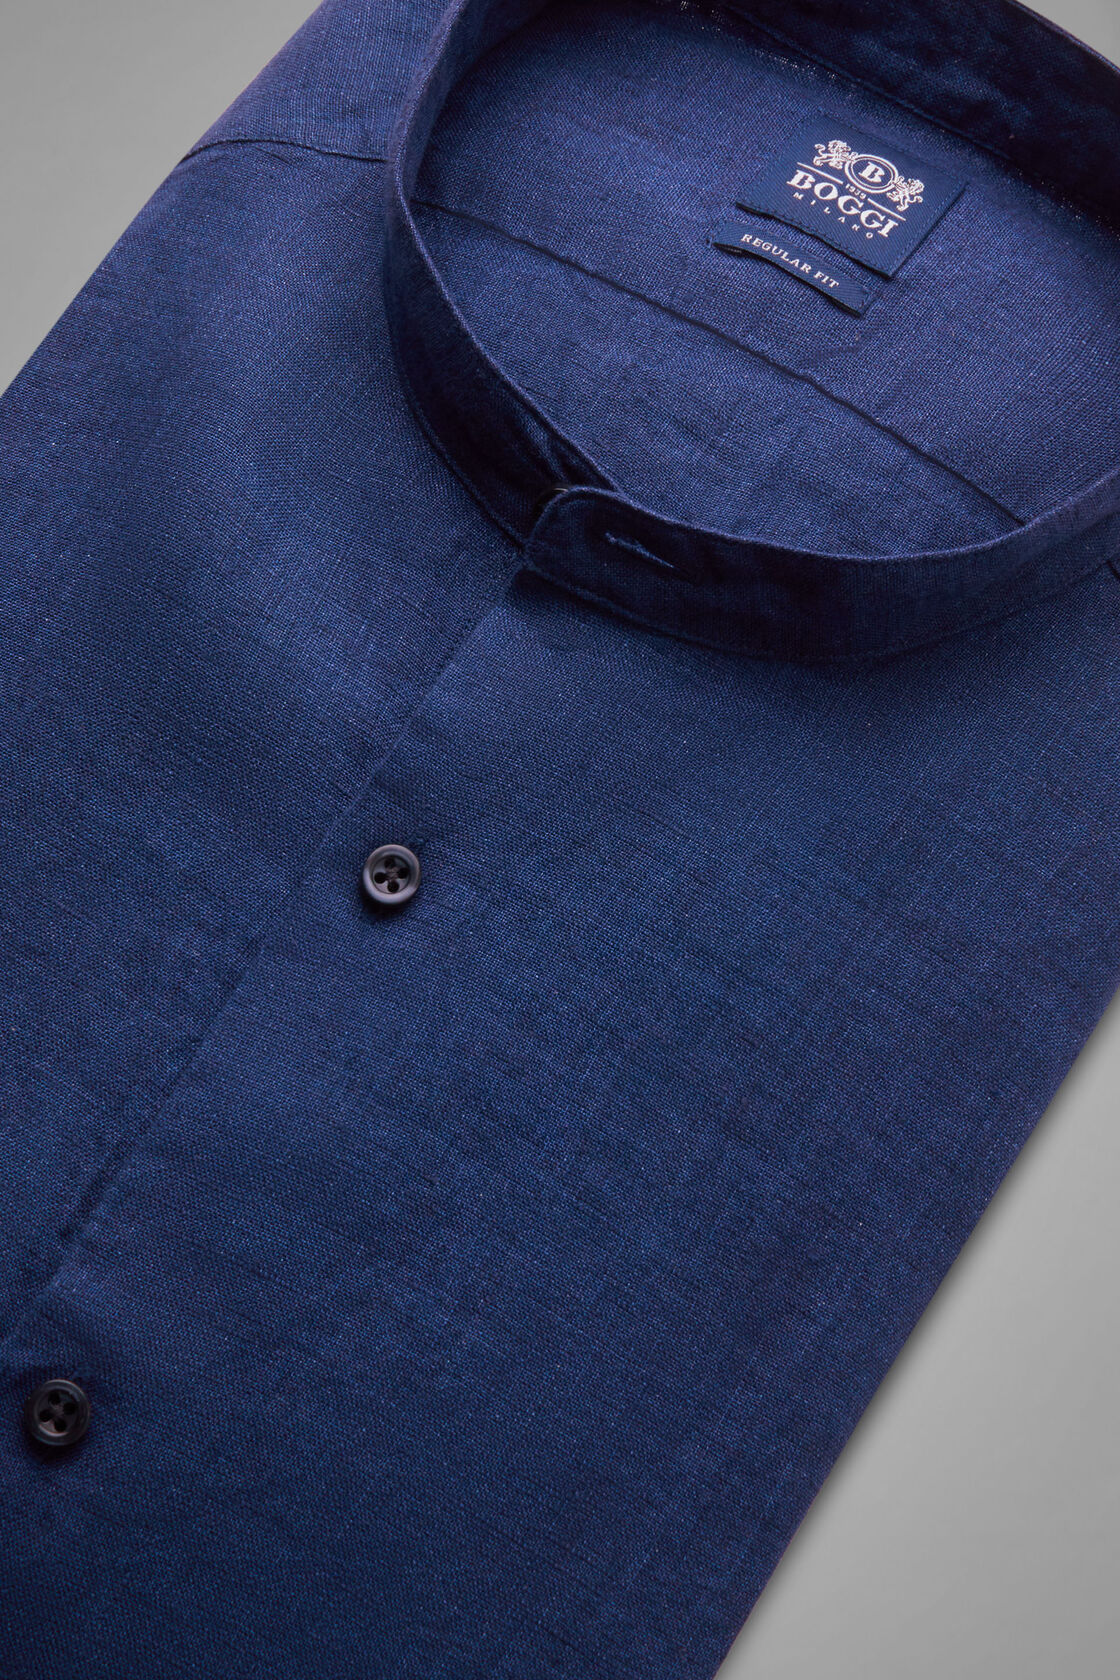 Hemd Blau Mit Stehkragen Regular Fit, , hi-res